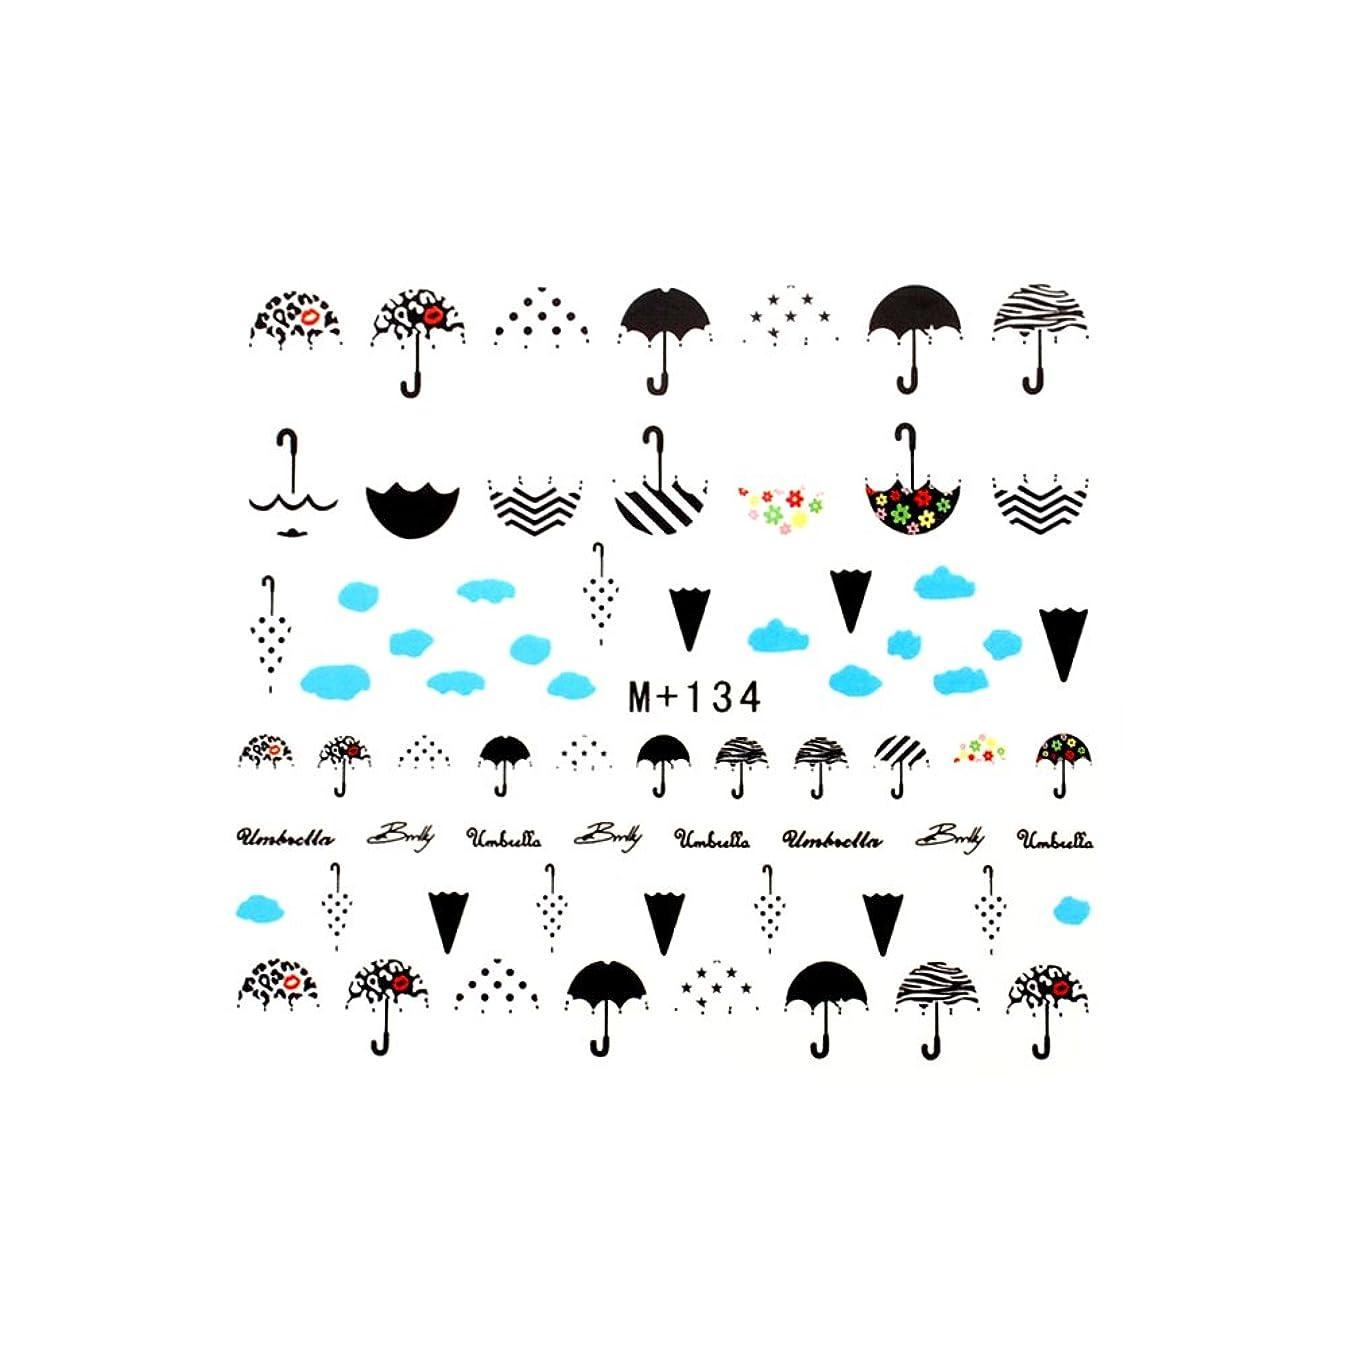 骨髄可決喜ぶアンブレラネイルシール【M+134】 ネイルシール ウォーターネイルシール アンブレラ レイン 傘 雨 雲 天気 ネイルアート ジェルネイル